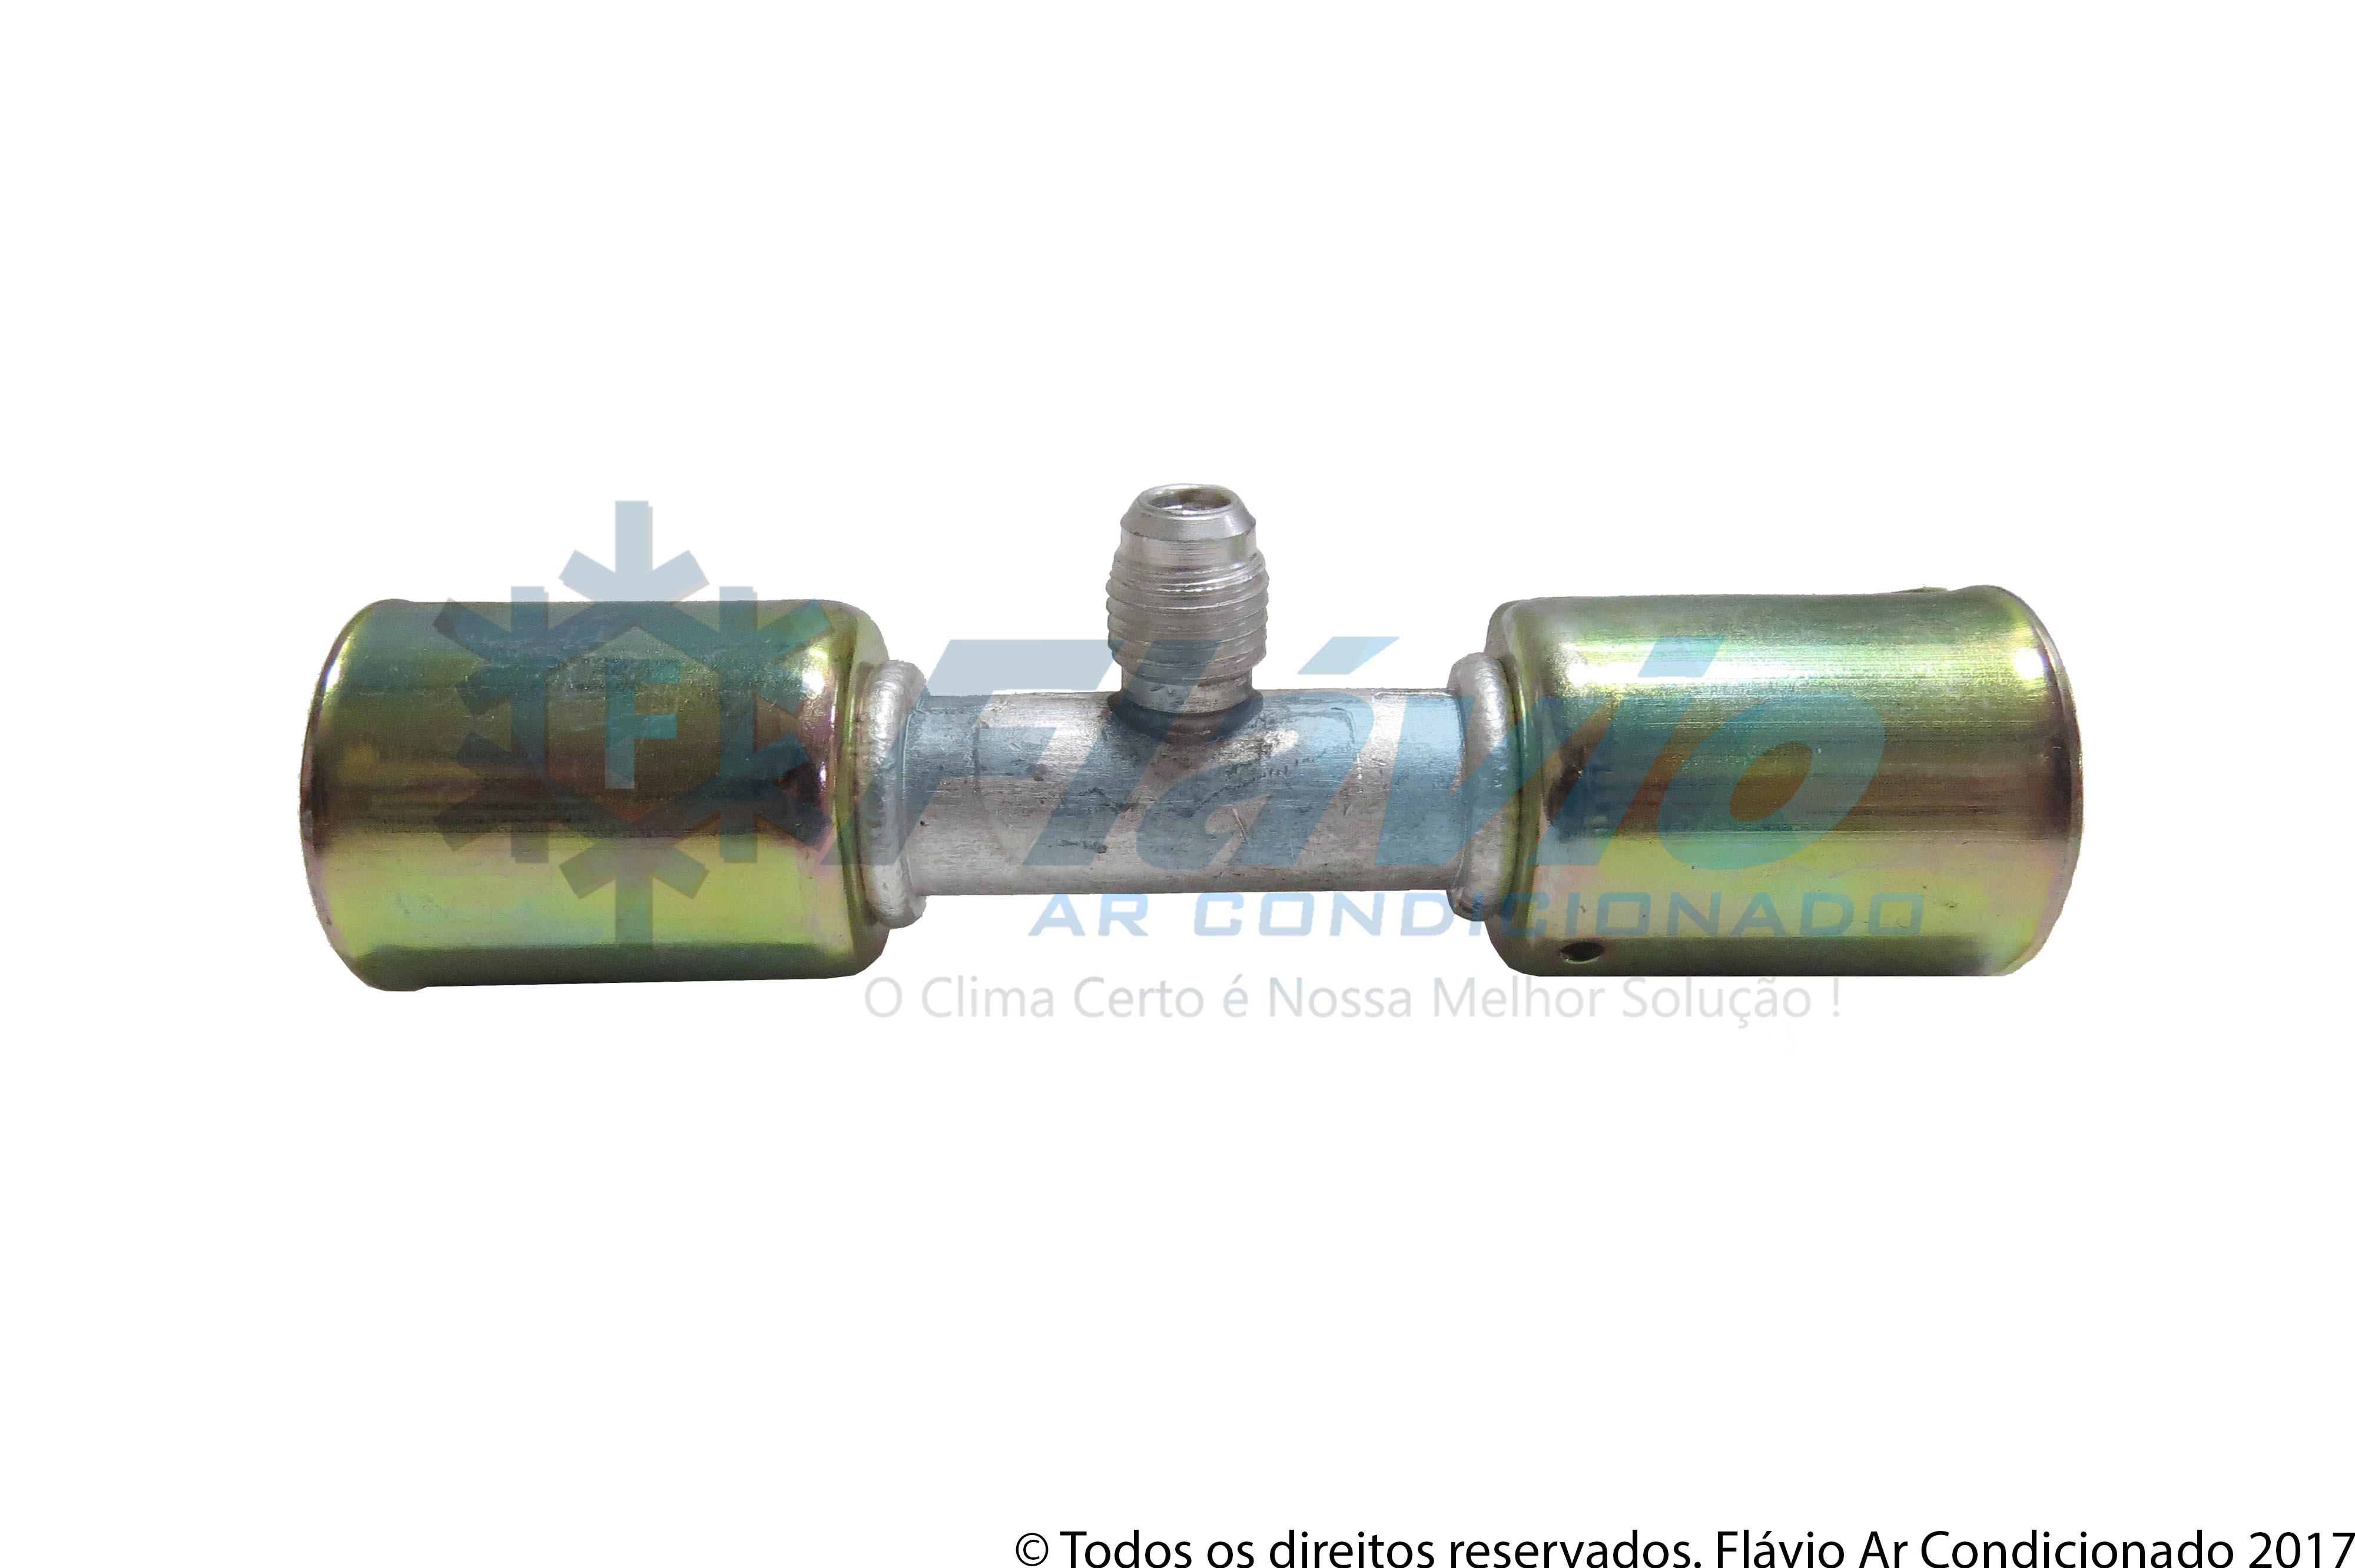 EMENDA 10MM ALUMINIO COM VALVULA R12 COM CLIP